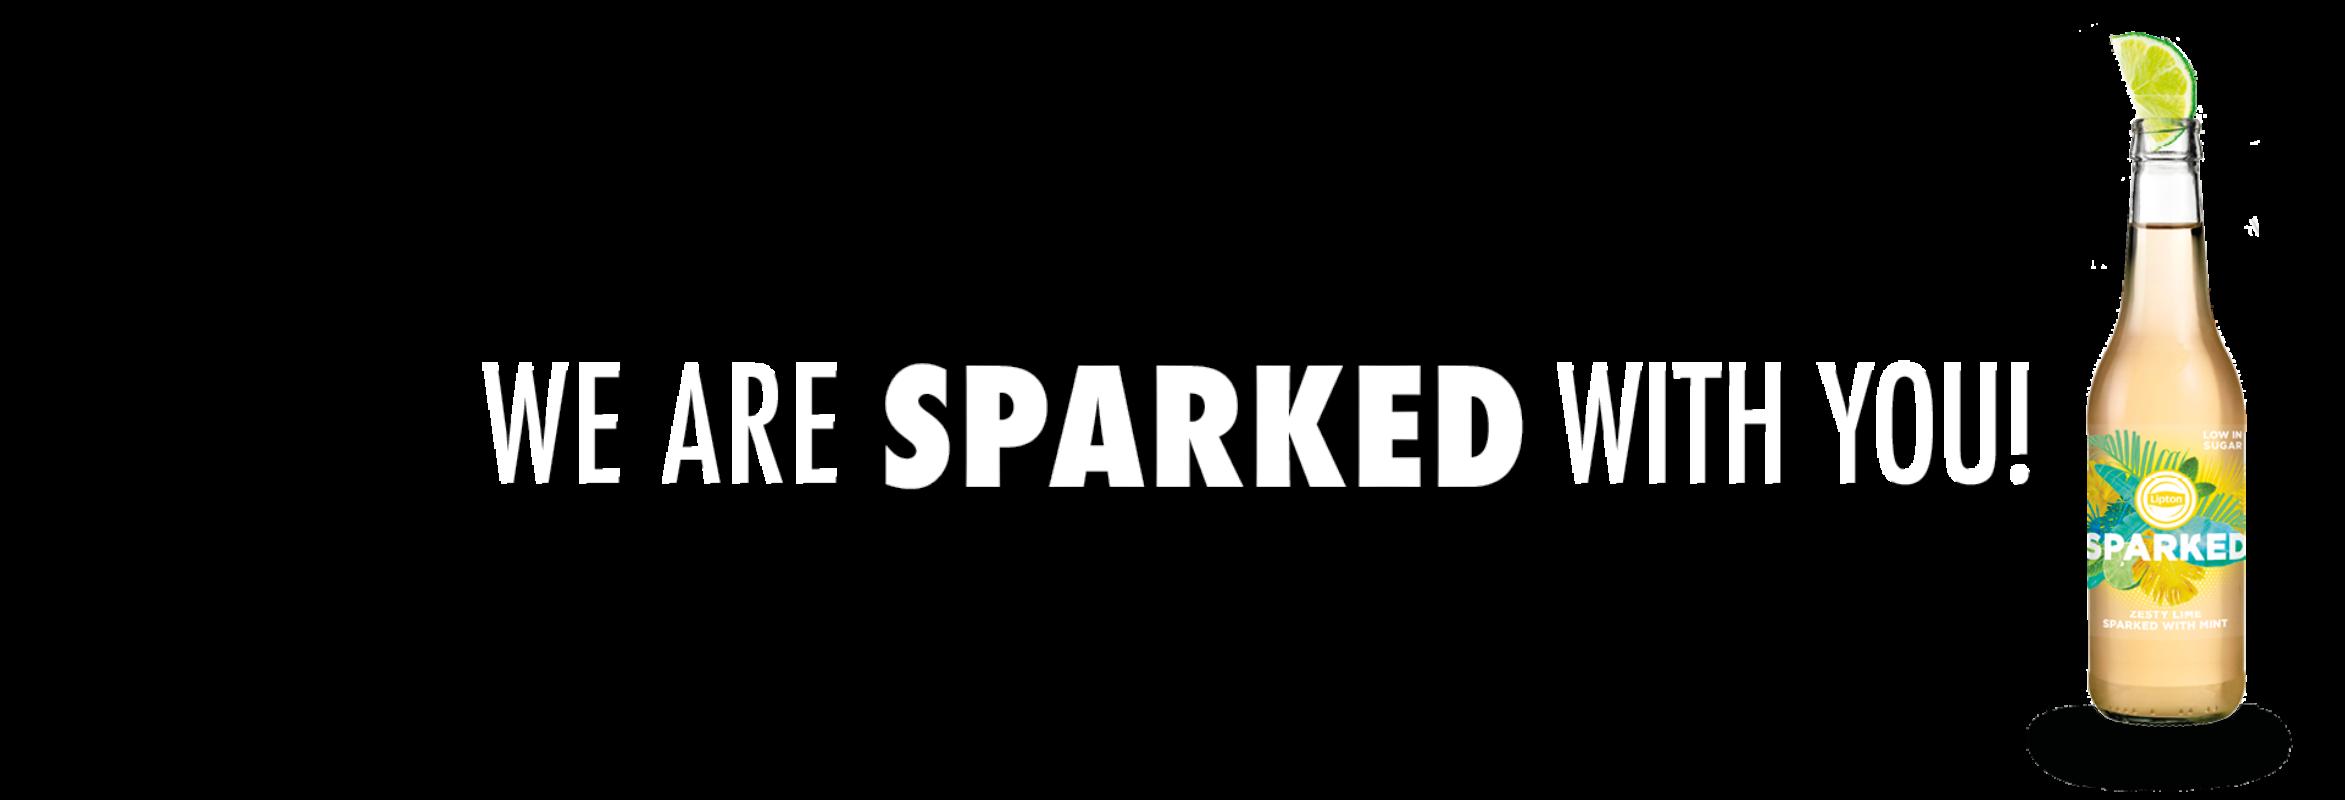 La Cubanita SPARKED 2020 Website banner Homepage v12 1